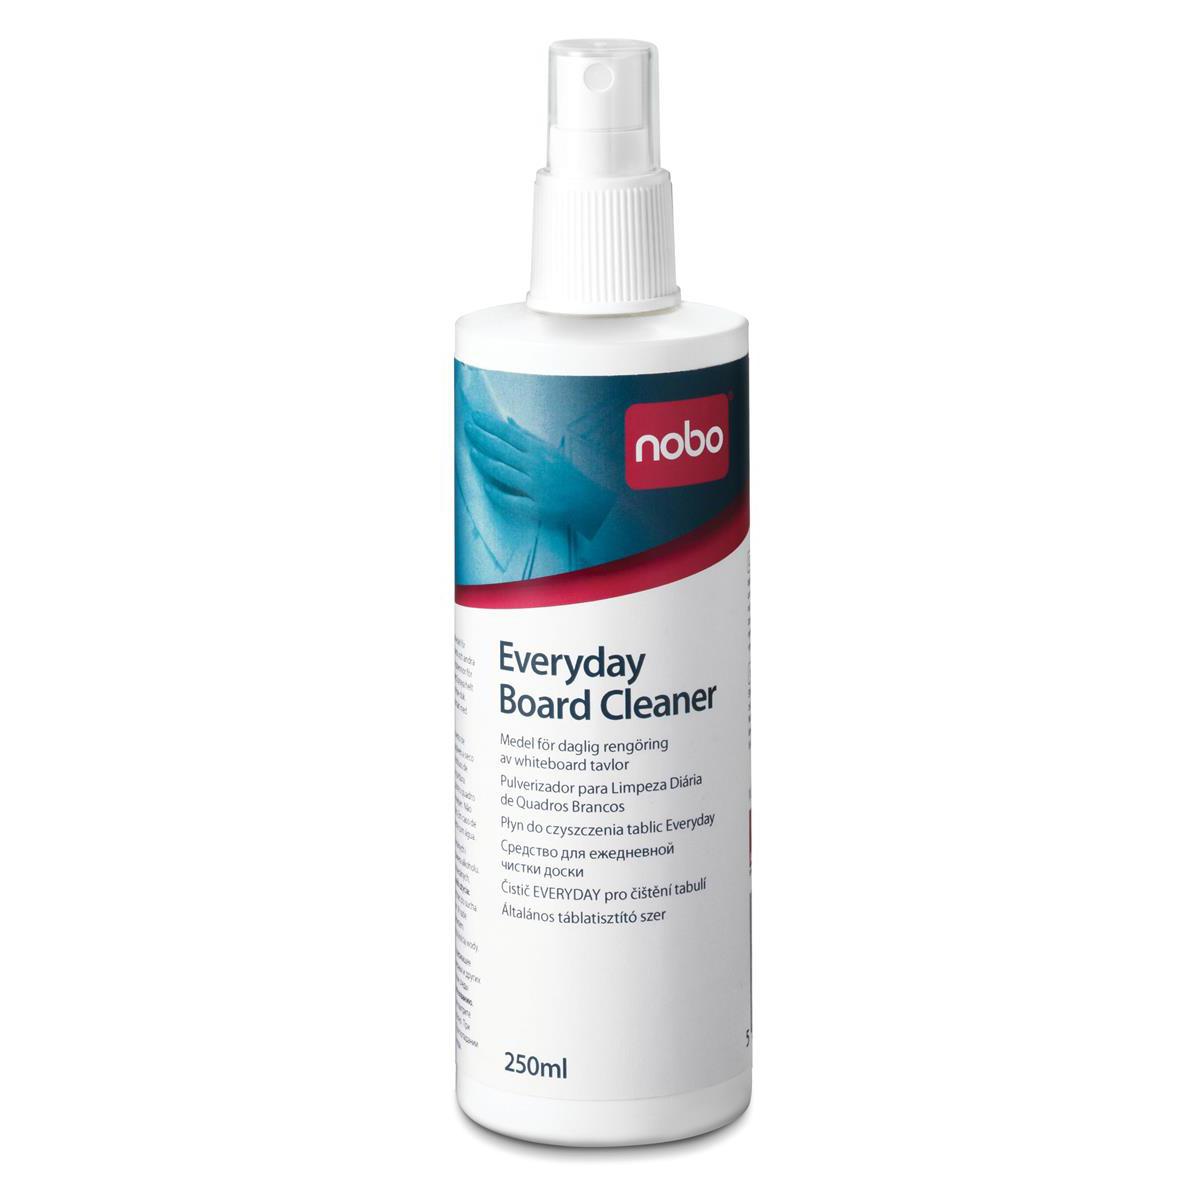 Nobo Everyday Whiteboard Cleaner Ref 1901435